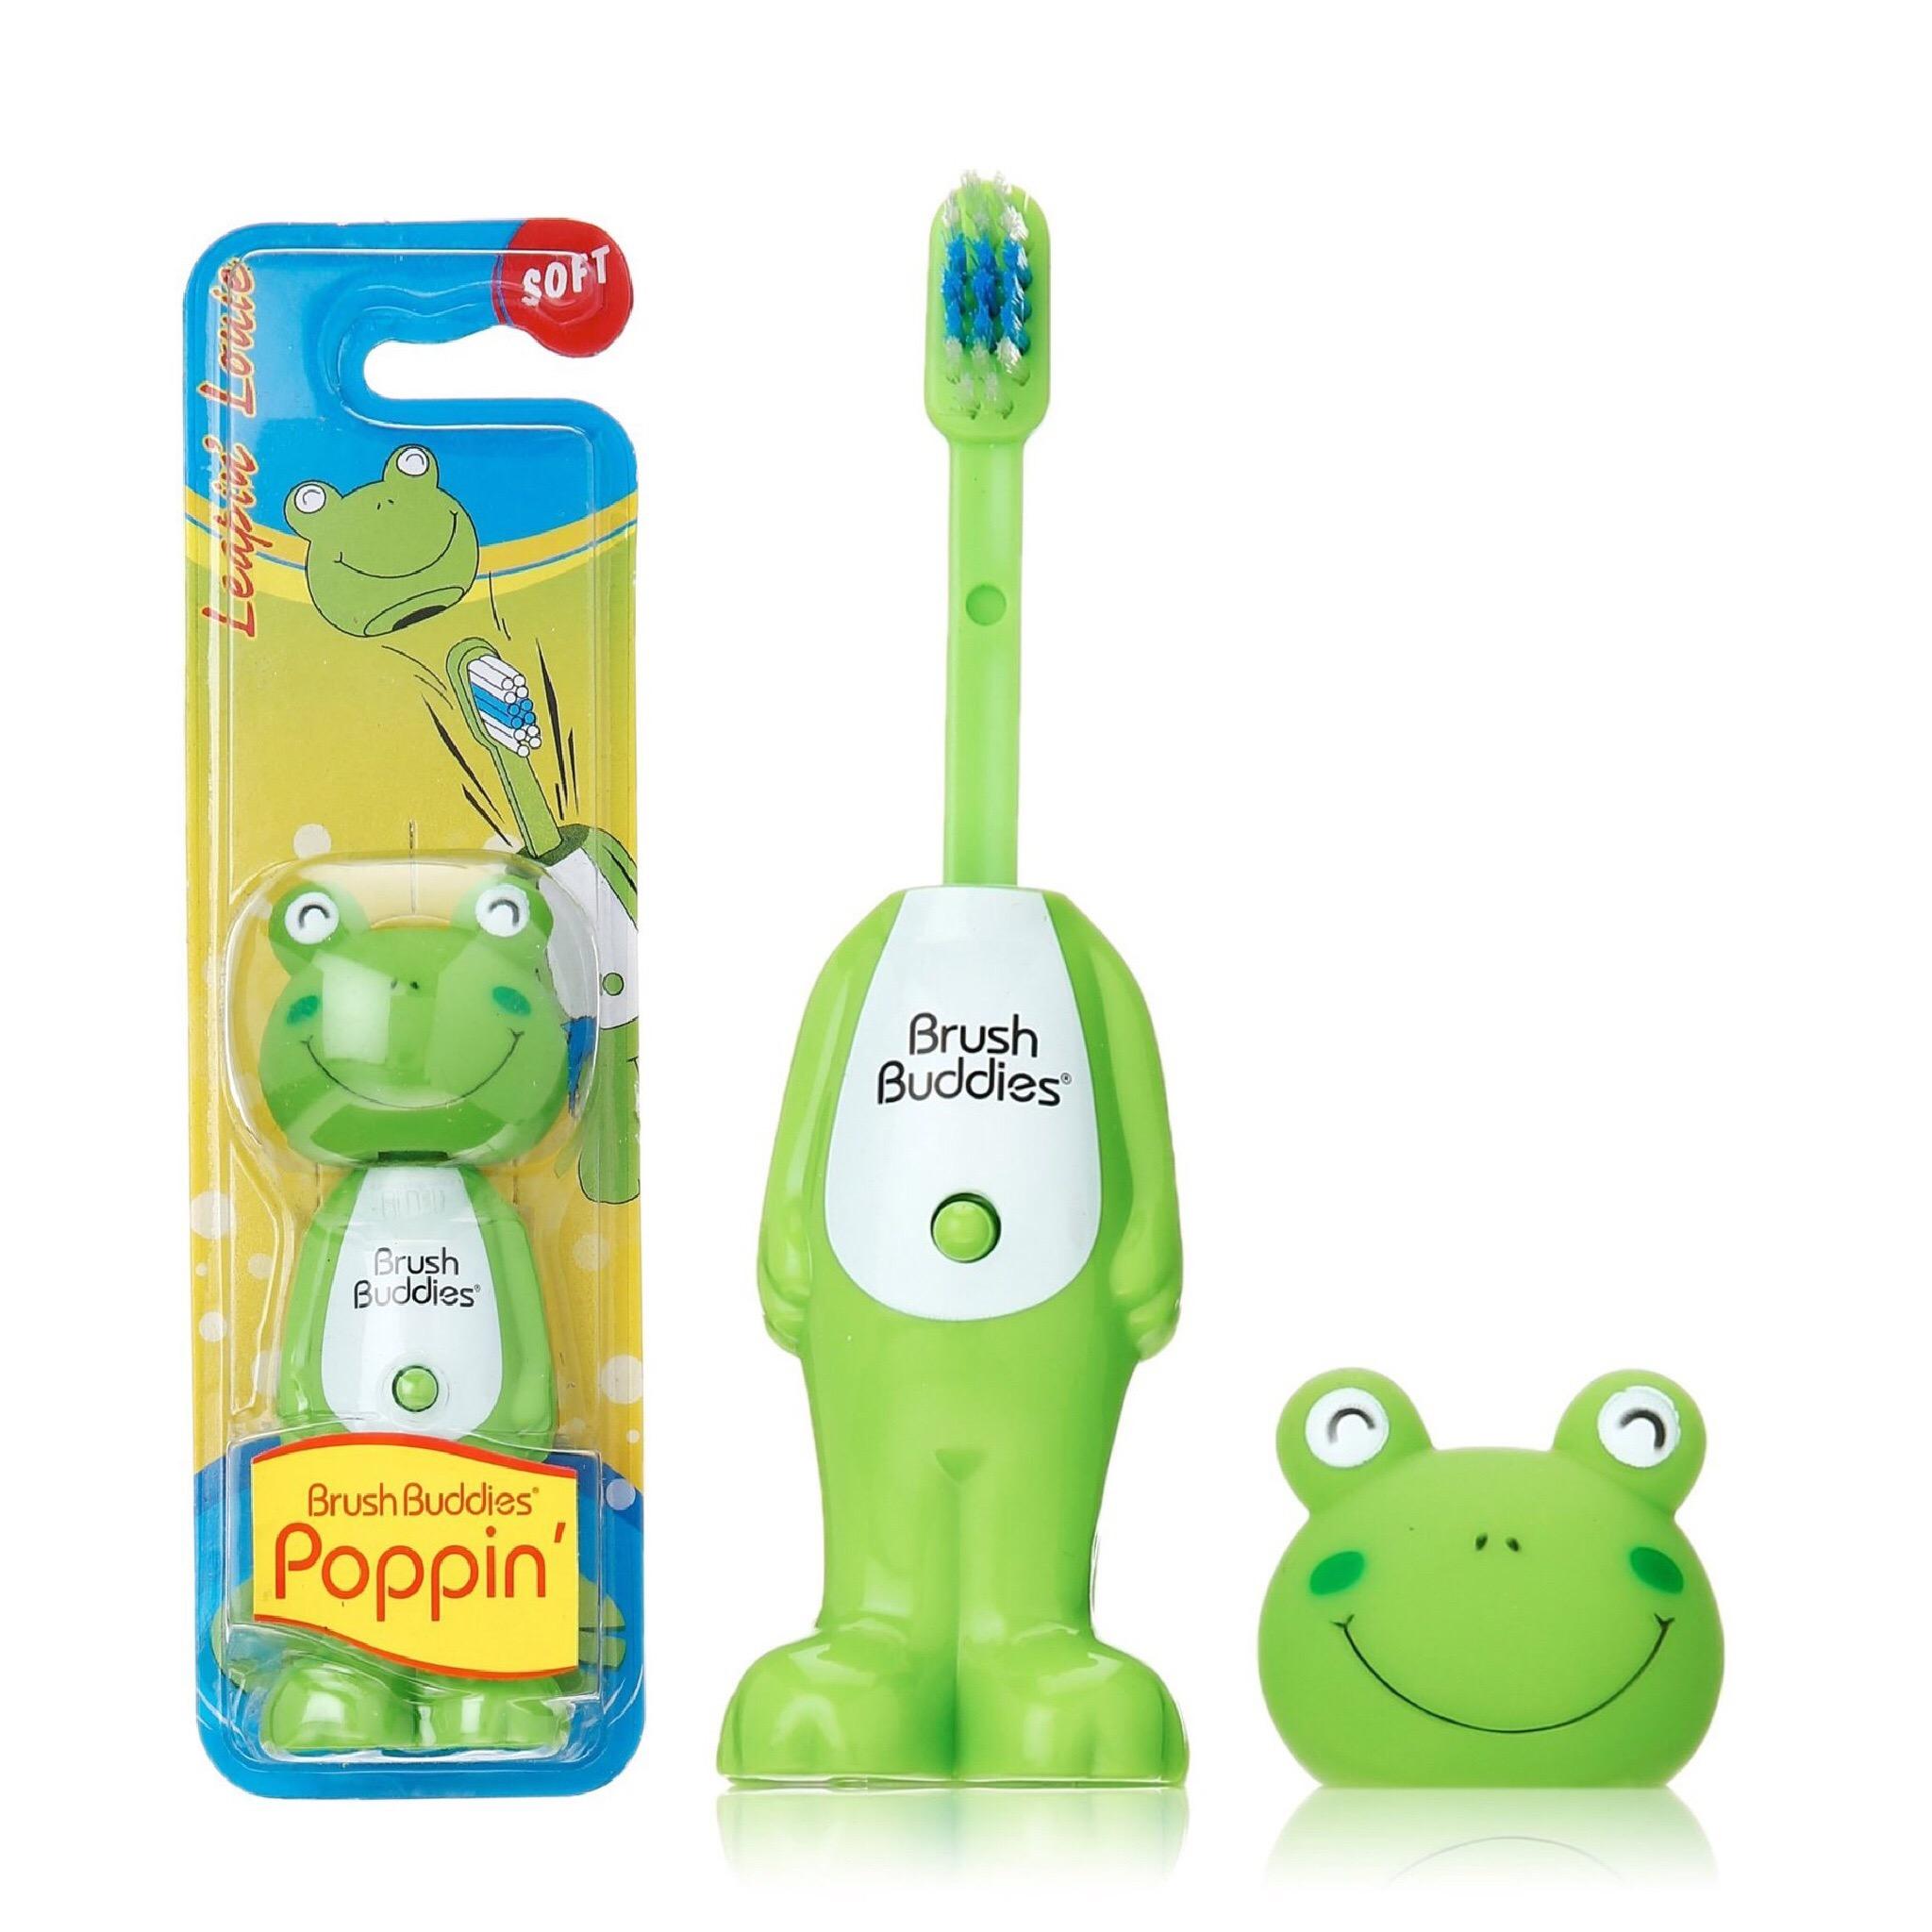 แปรงสีฟันเด้งดึ๋งปลอดสารพิษ Brush Buddies Poppin' Toothbrush (Leapin Louie)